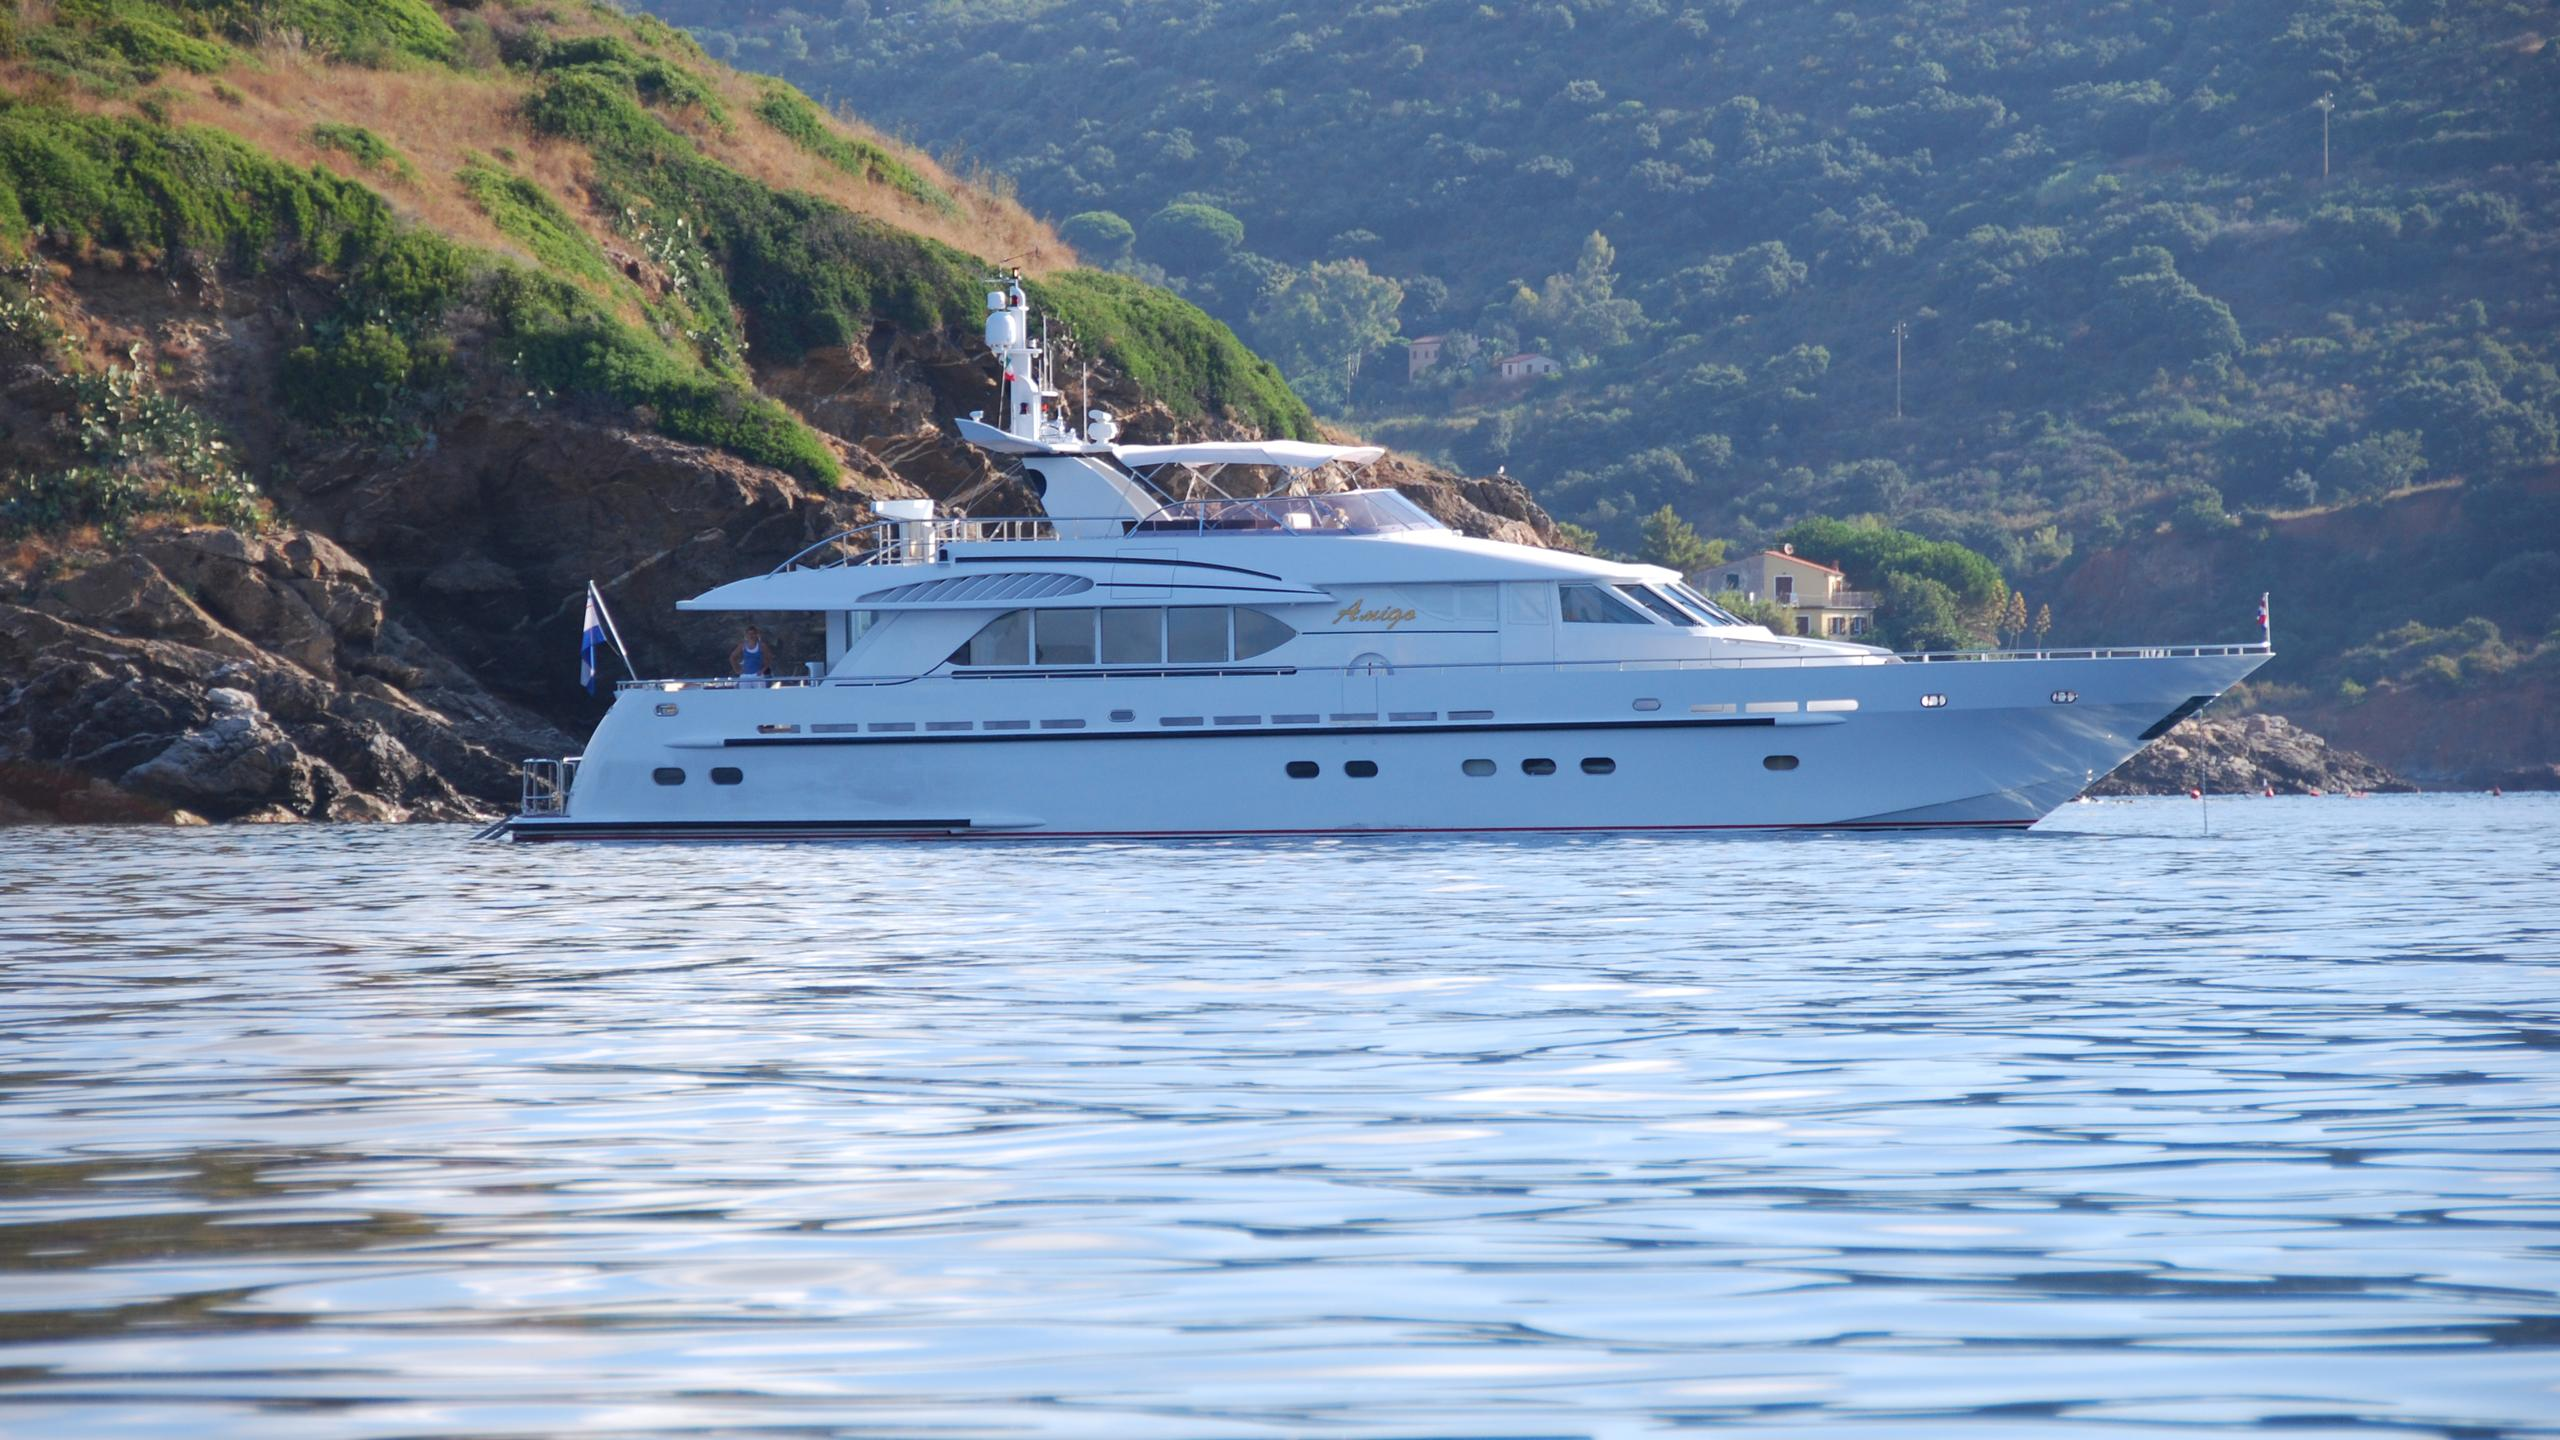 amigo-yacht-at-anchor